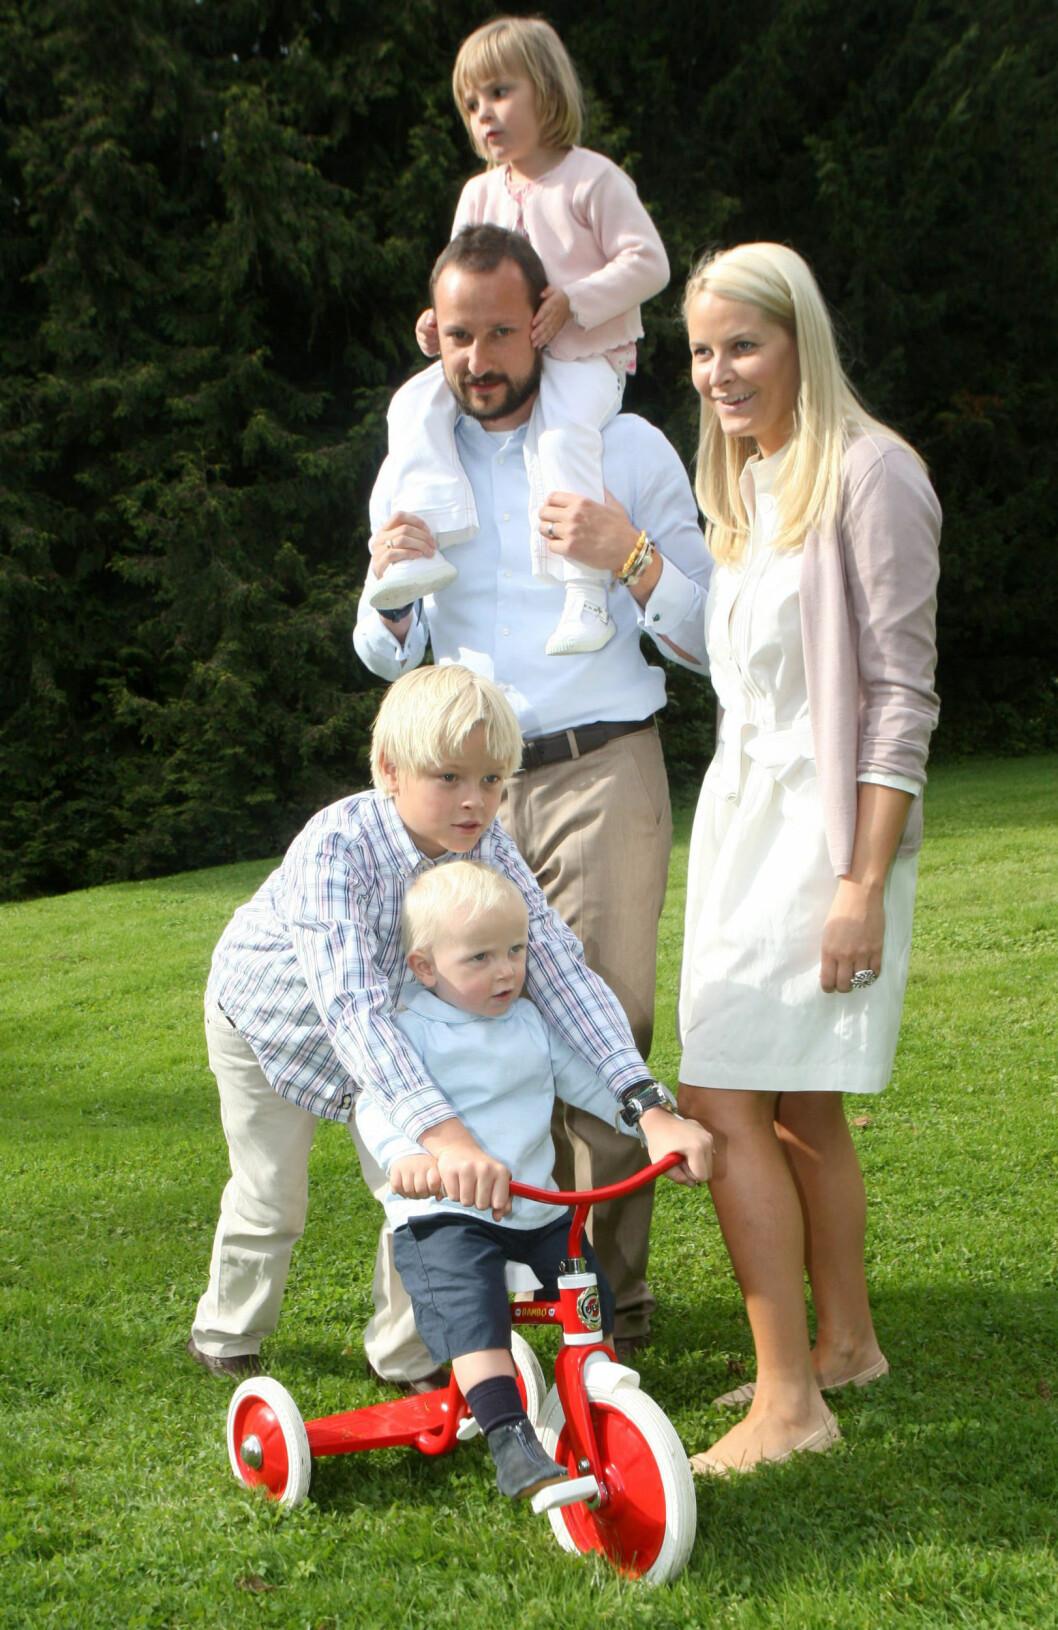 DINE, MINE OG VÅRE BARN: Kronprins Haakon og kronprinsesse Mette-Marit går foran som svært gode eksempler når det kommer til hvordan man på best mulig måte kan knytte familien sammen - til tross for at man ikke nødvendigvis er av samme blod. Kronprins Haakon tok imot lille Marius med åpne armer fra dag én og de har knyttet svært nære bånd. Her er kronprinsfamilien fotografert på Skaugum i Asker i 2007. Foto: NTB scanpix